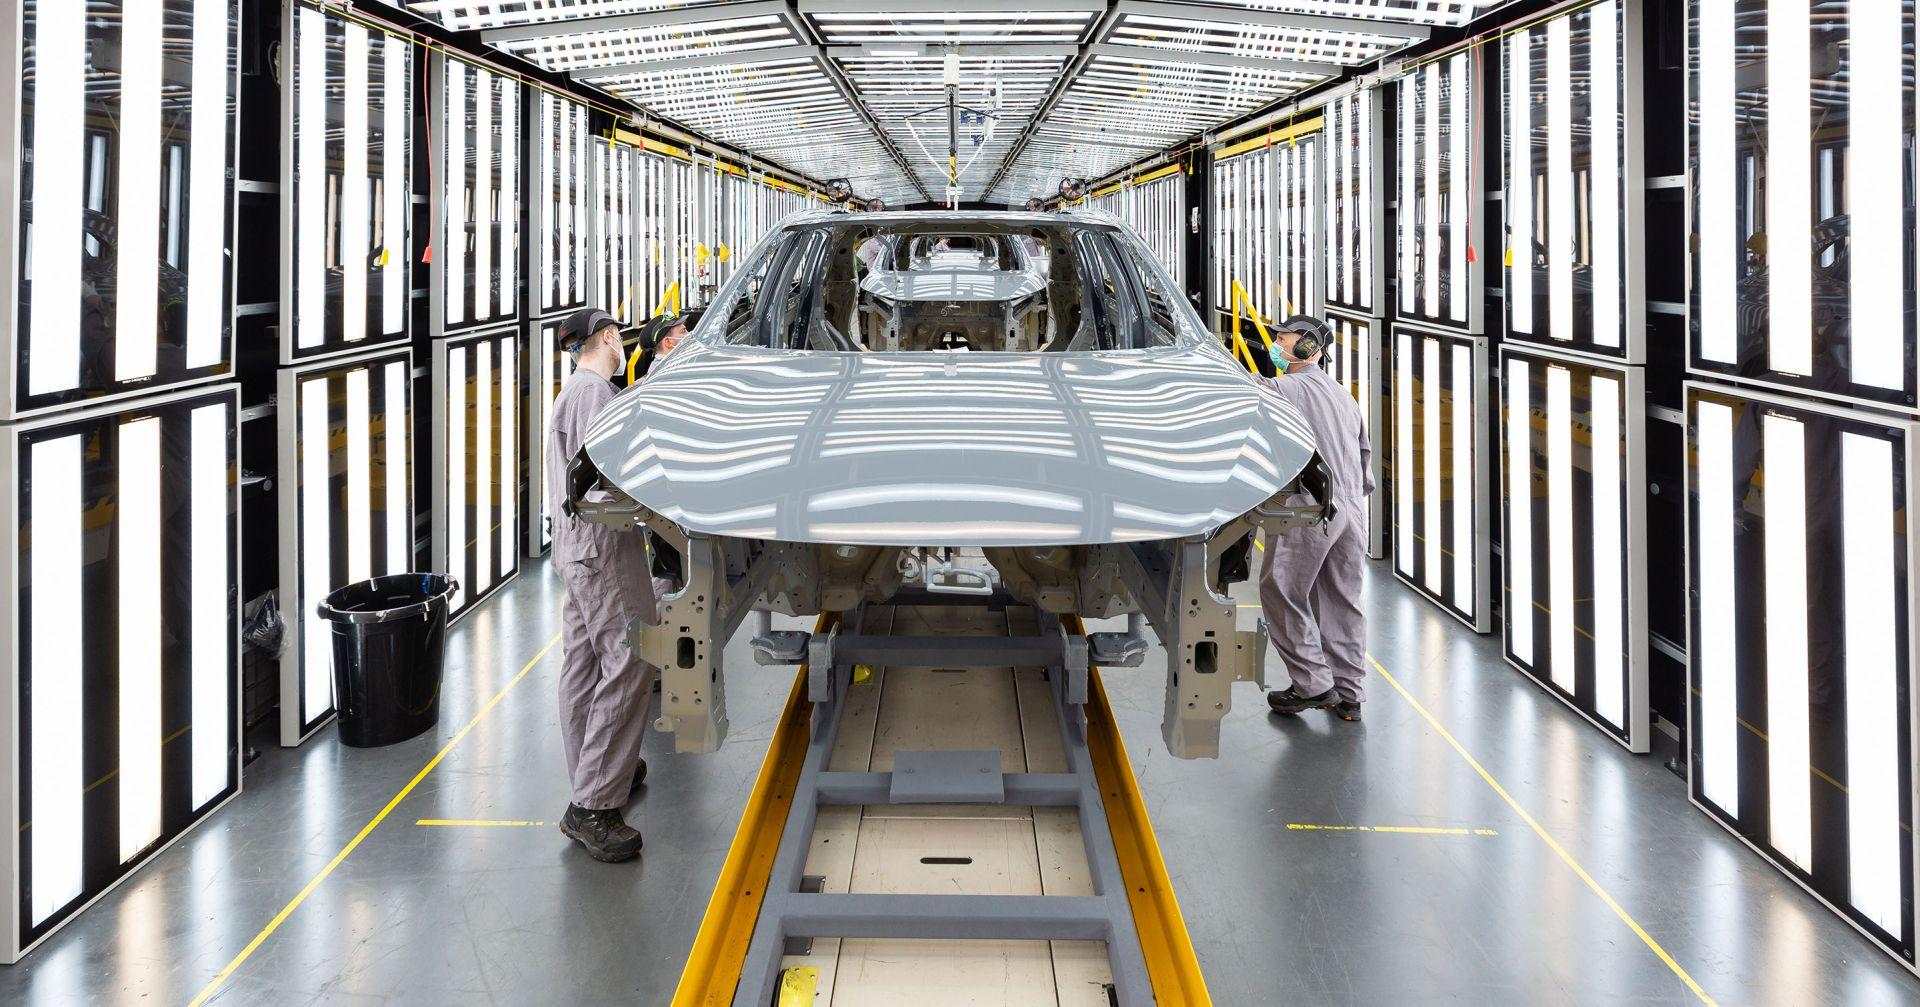 Počela proizvodnja novog Qashqaija, a pritom Nissan potiče školarce da probude inženjera u sebi